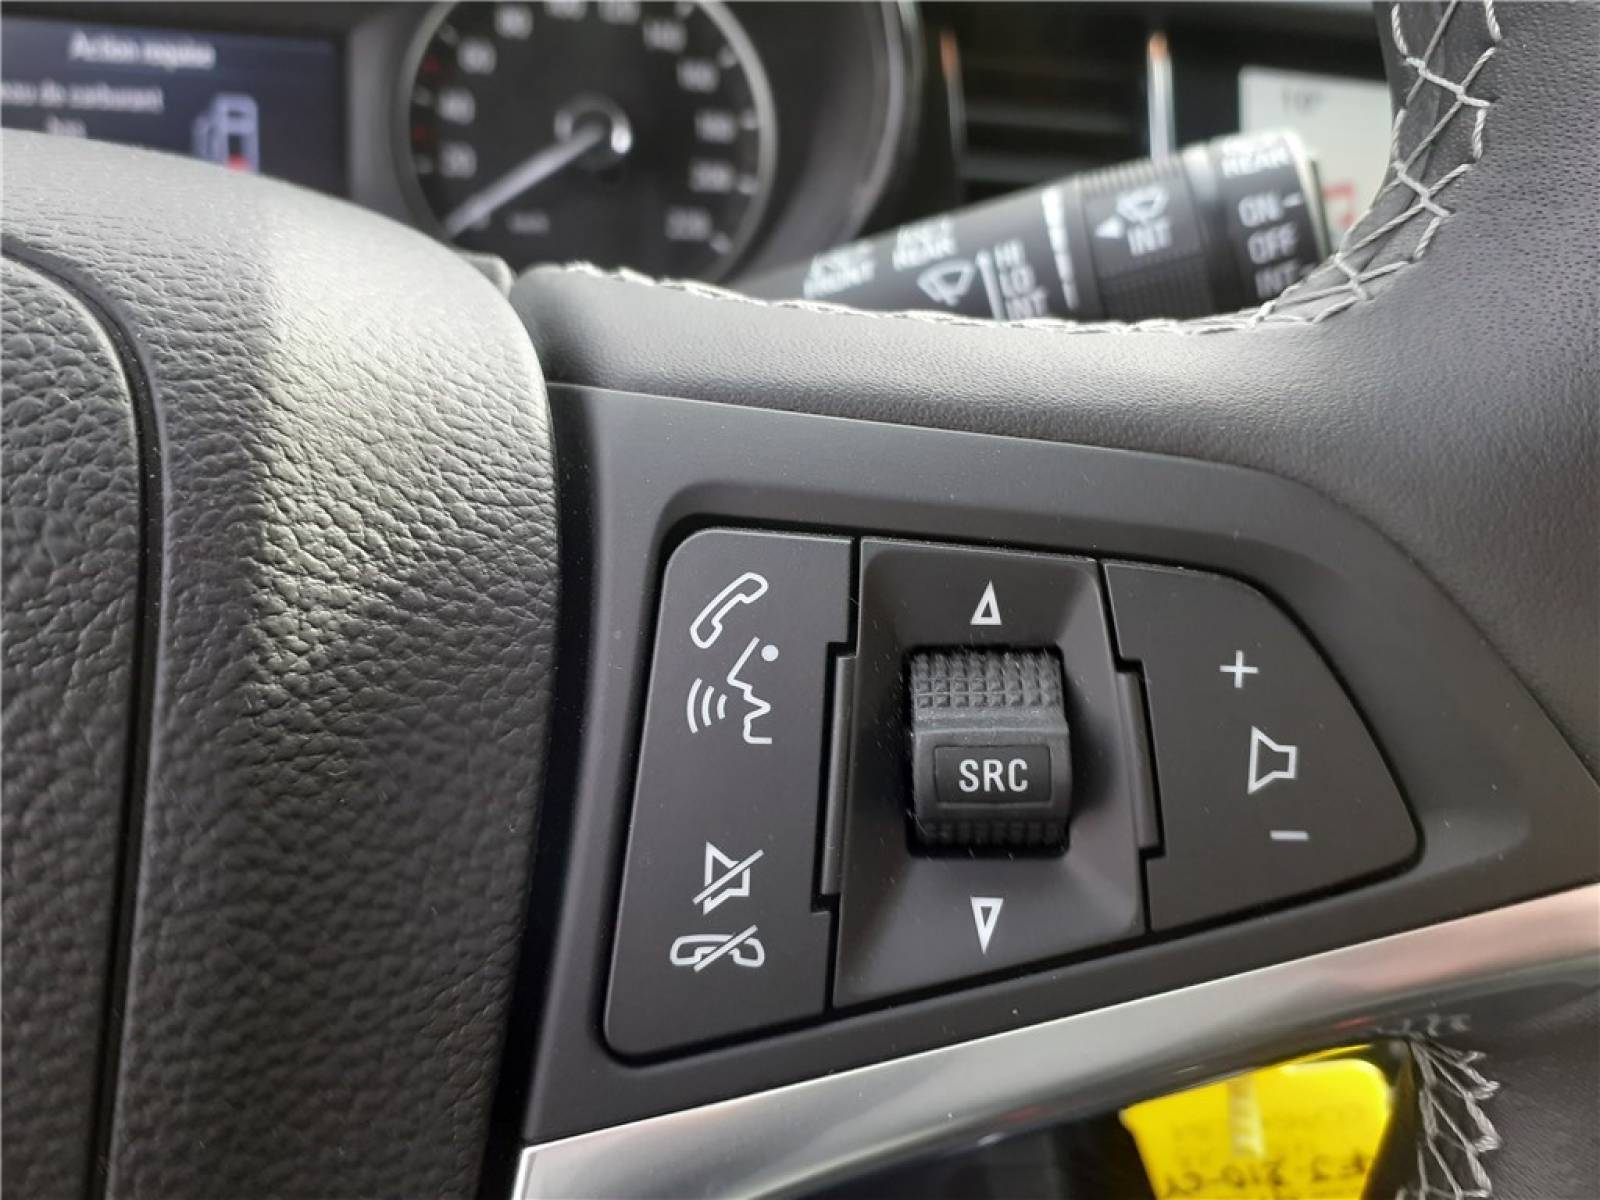 OPEL Mokka X 1.4 Turbo - 140 ch 4x2 - véhicule d'occasion - Groupe Guillet - Opel Magicauto - Montceau-les-Mines - 71300 - Montceau-les-Mines - 31